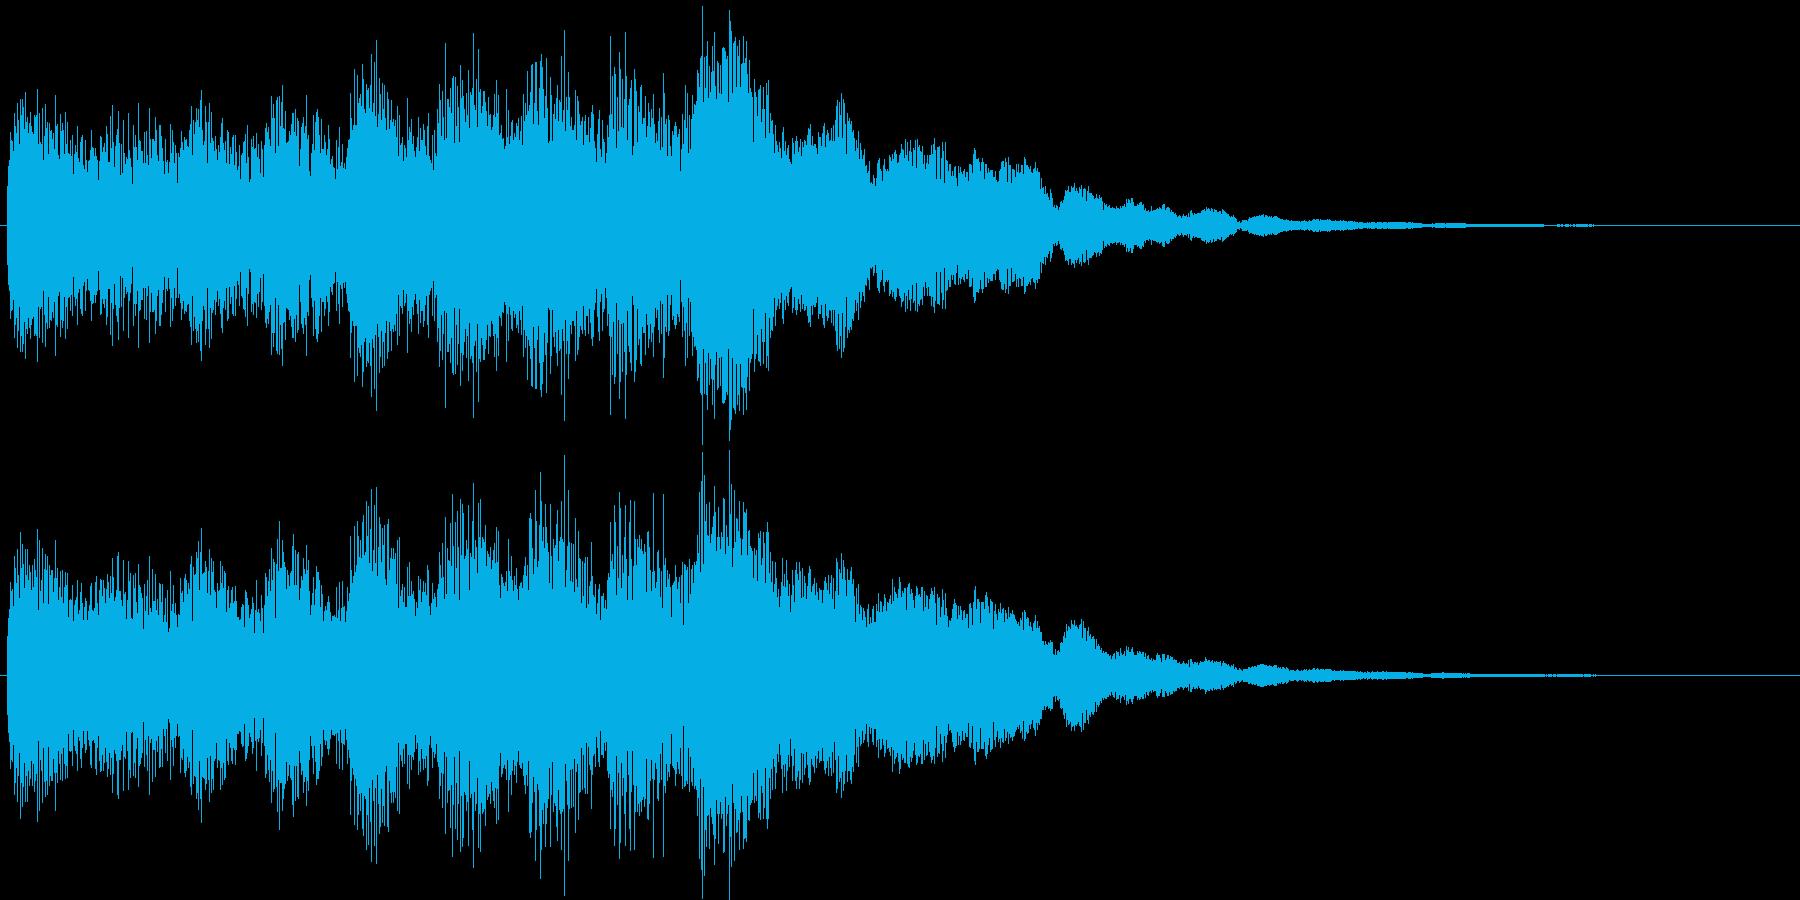 おしらせチャイム(カリヨン)の再生済みの波形